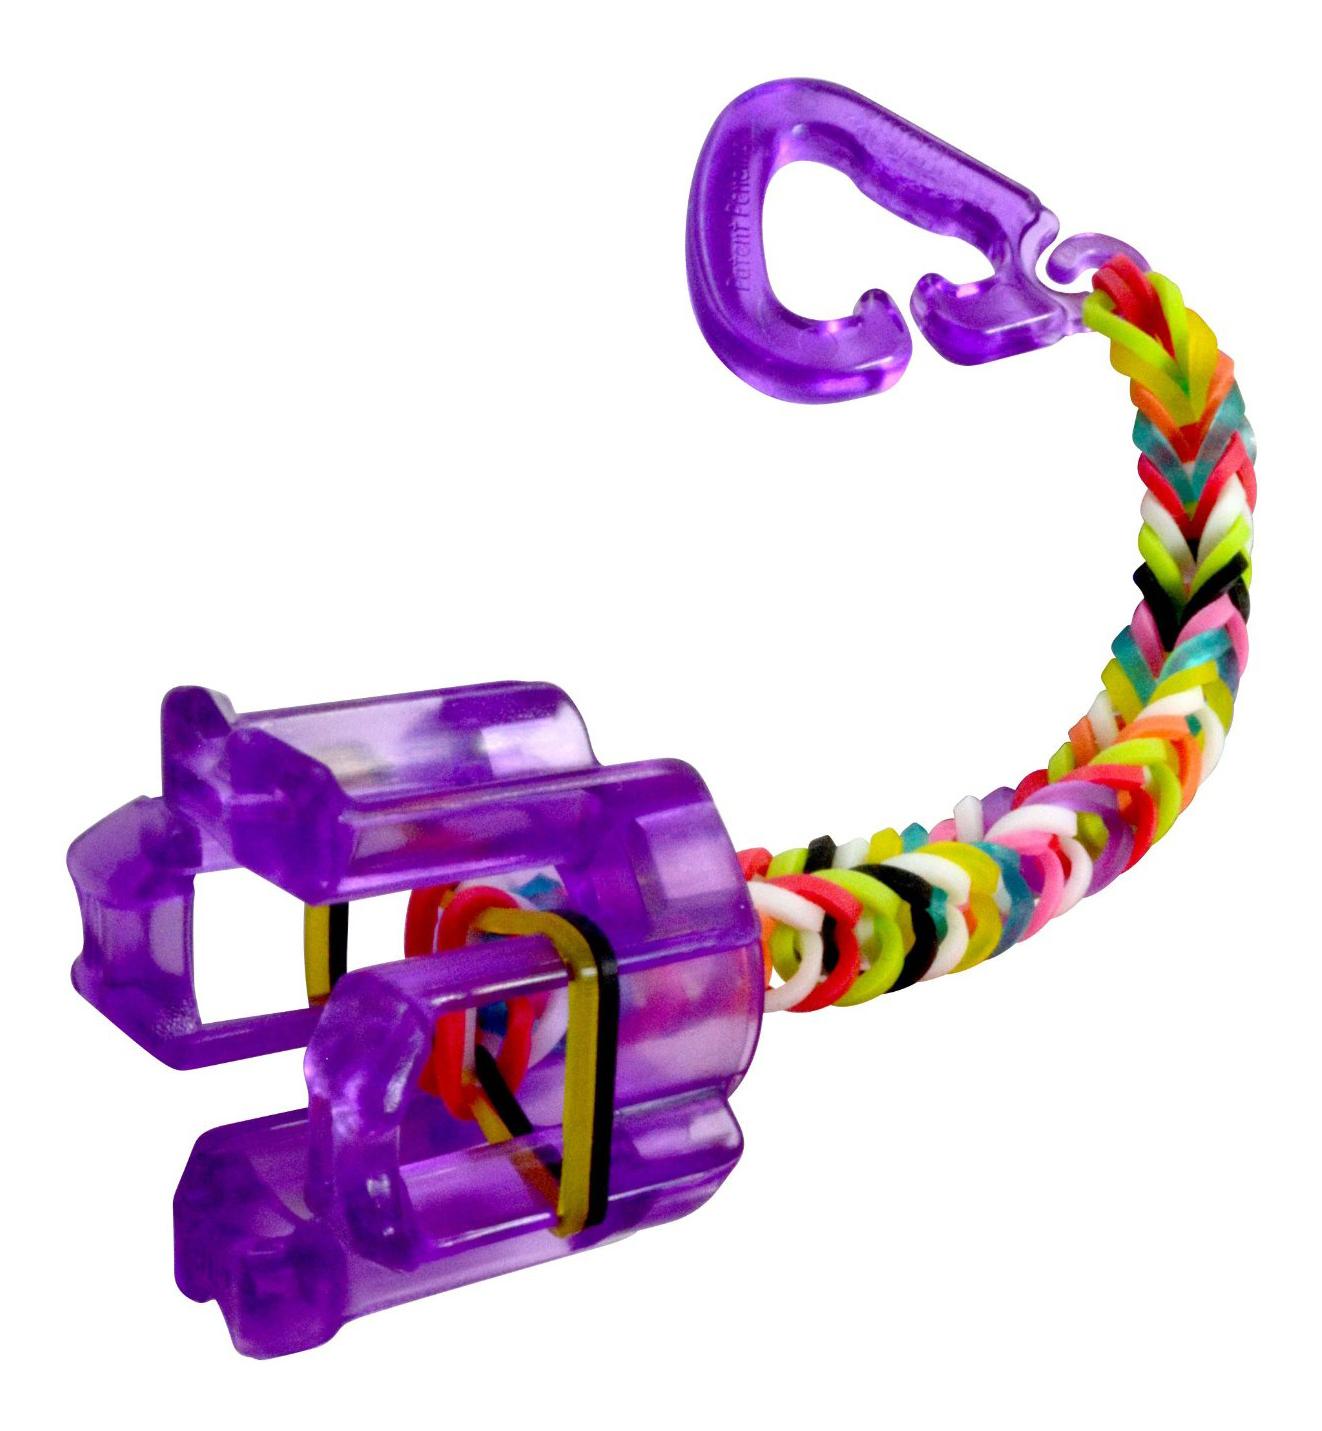 Плетение из резинок Rainbow Loom Фингер Лум фиолетовый